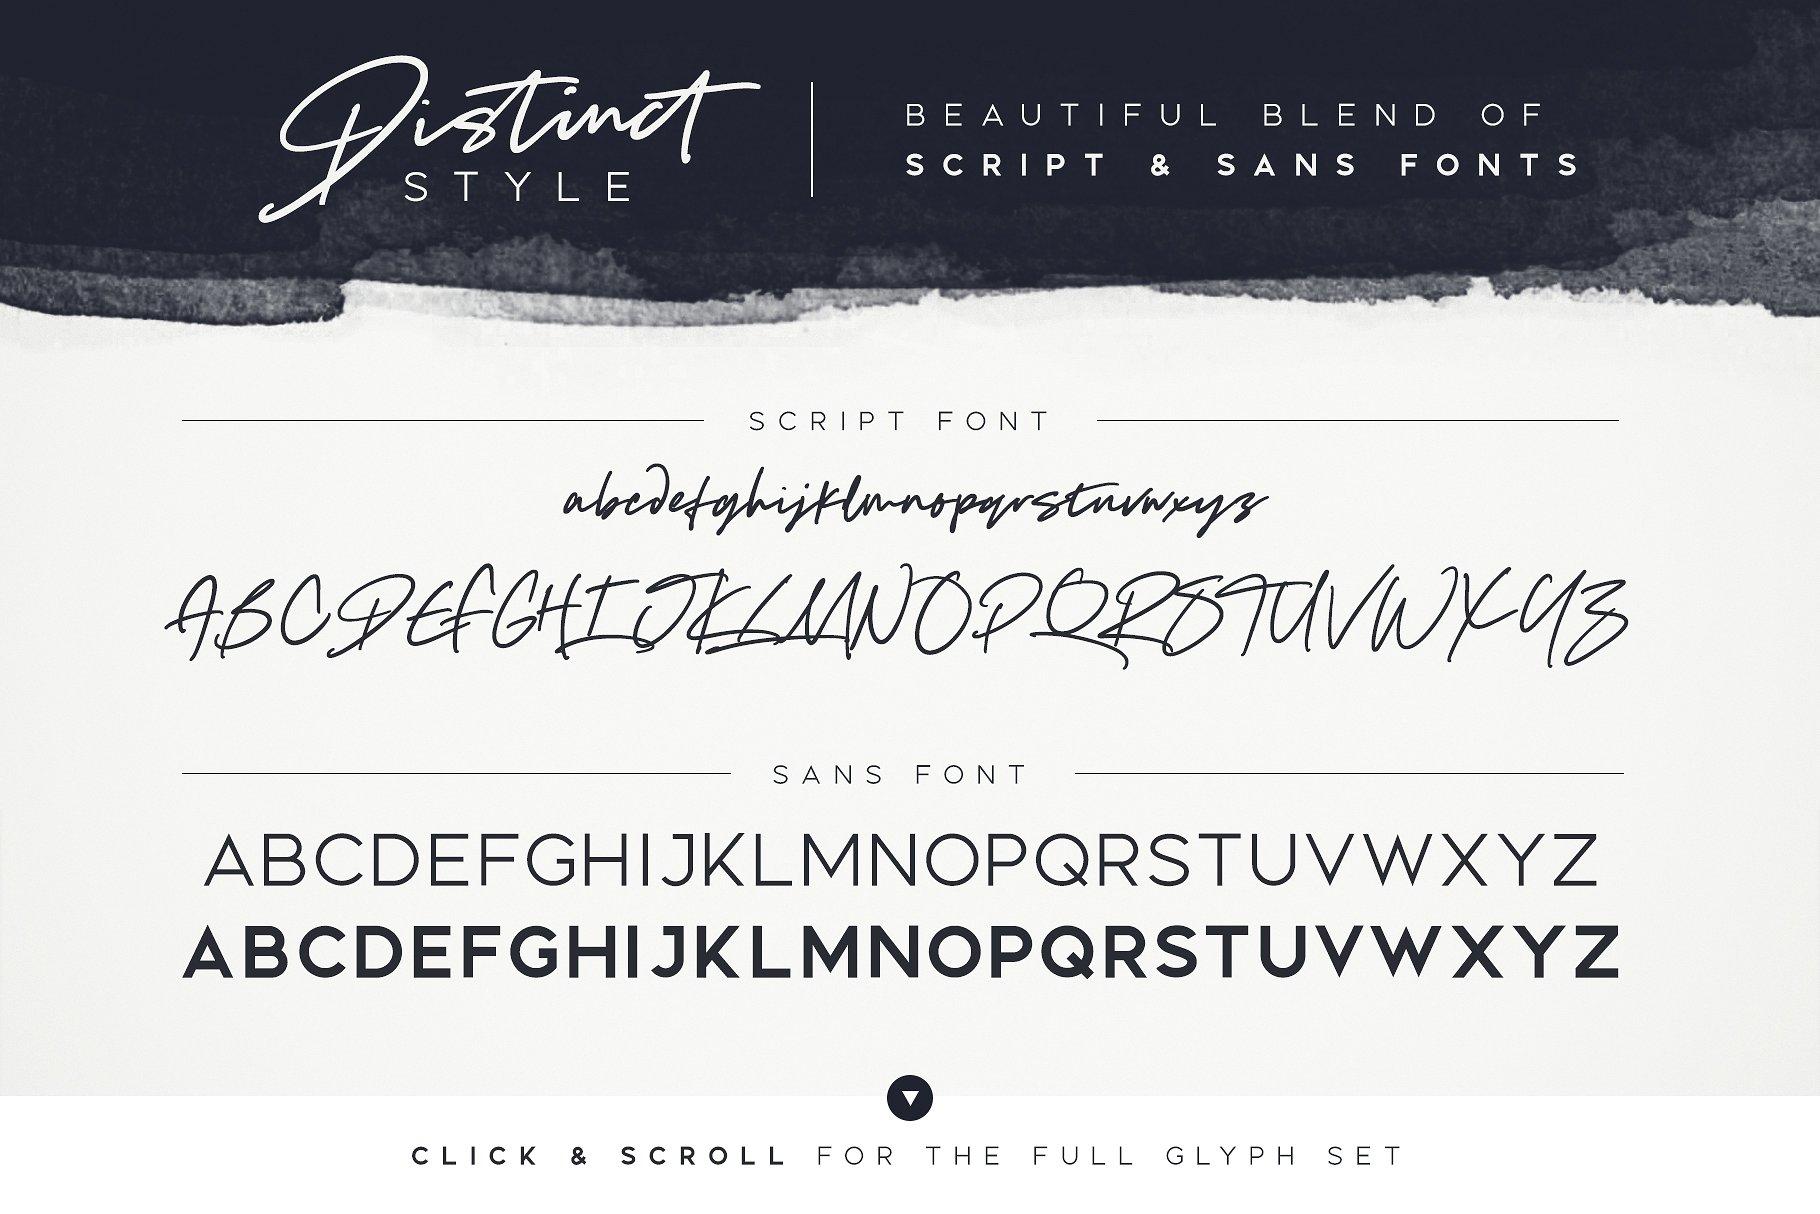 独特风格手写英文字体 Distinct st<x>yle Font Duo设计素材模板